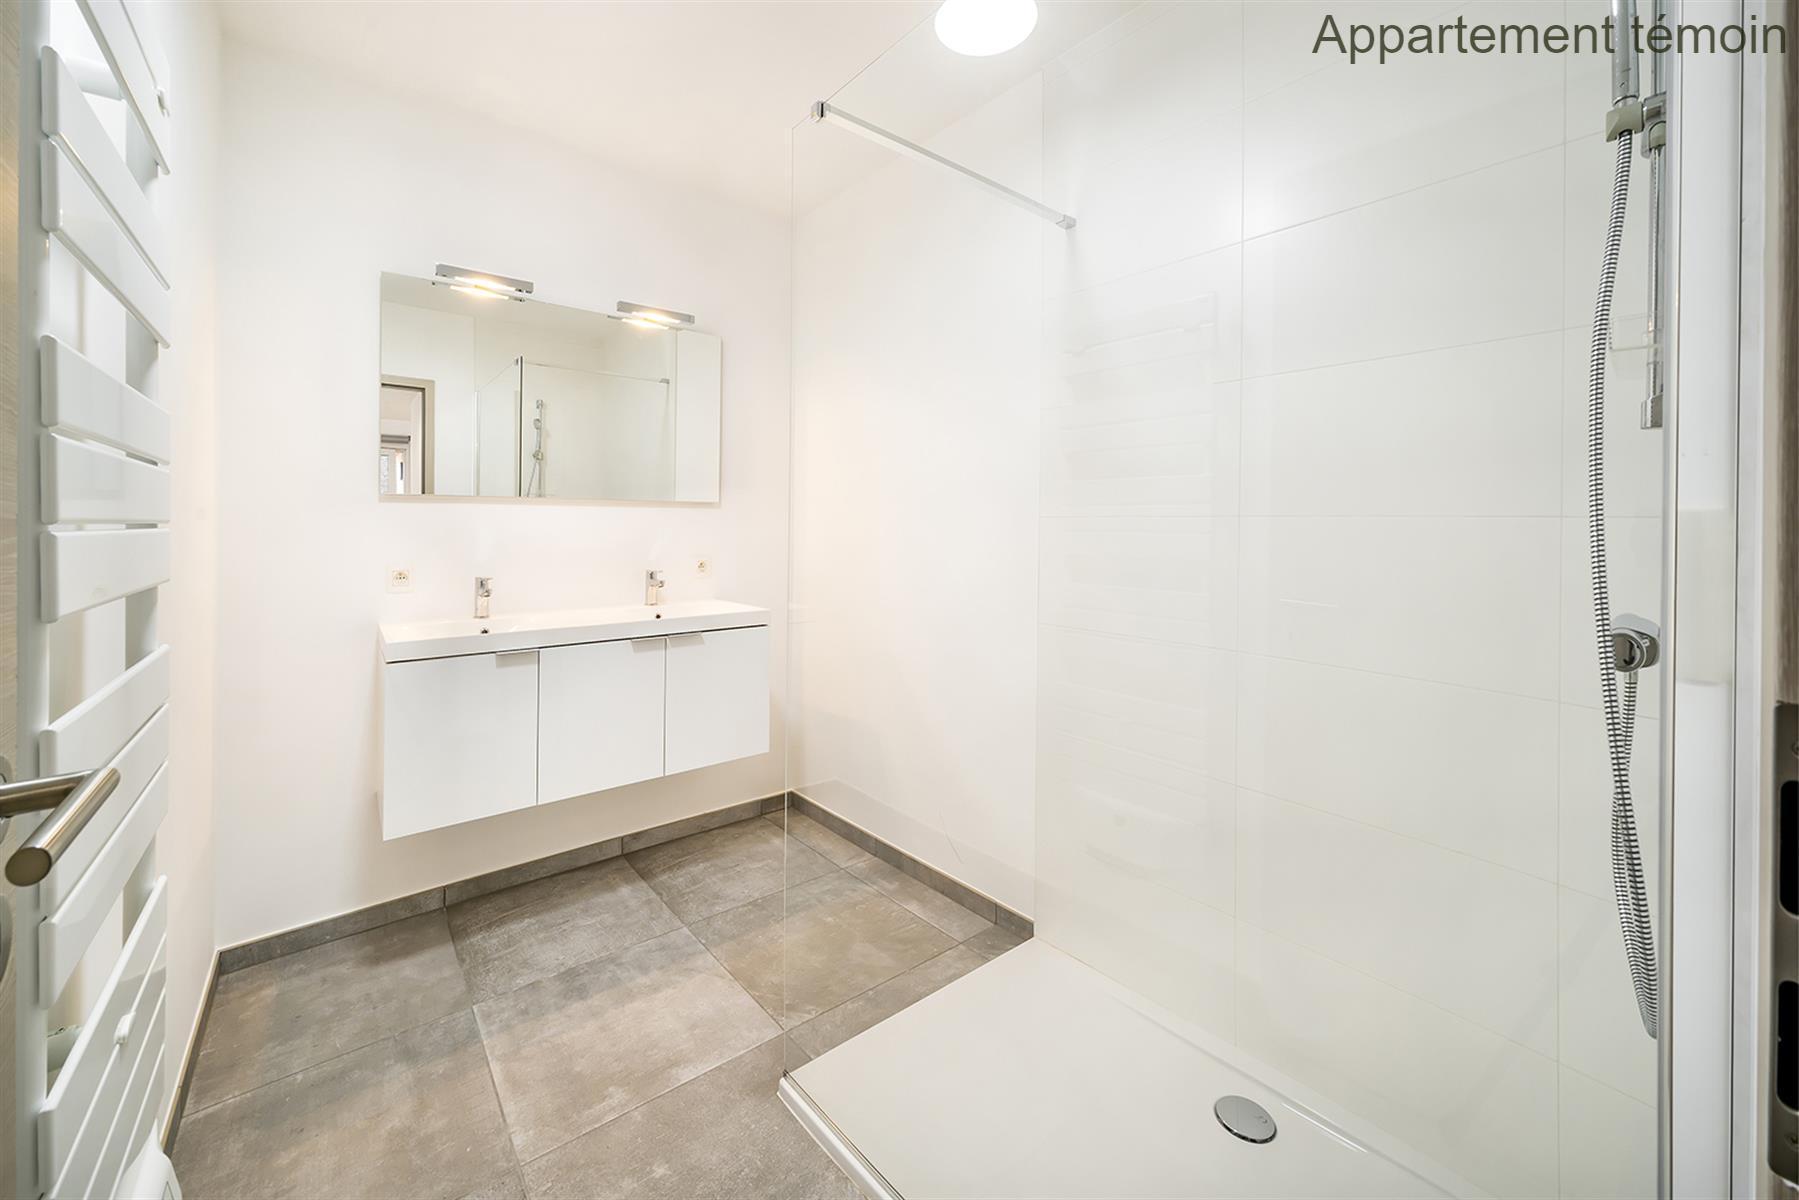 Appartement - Hannut - #3730193-16